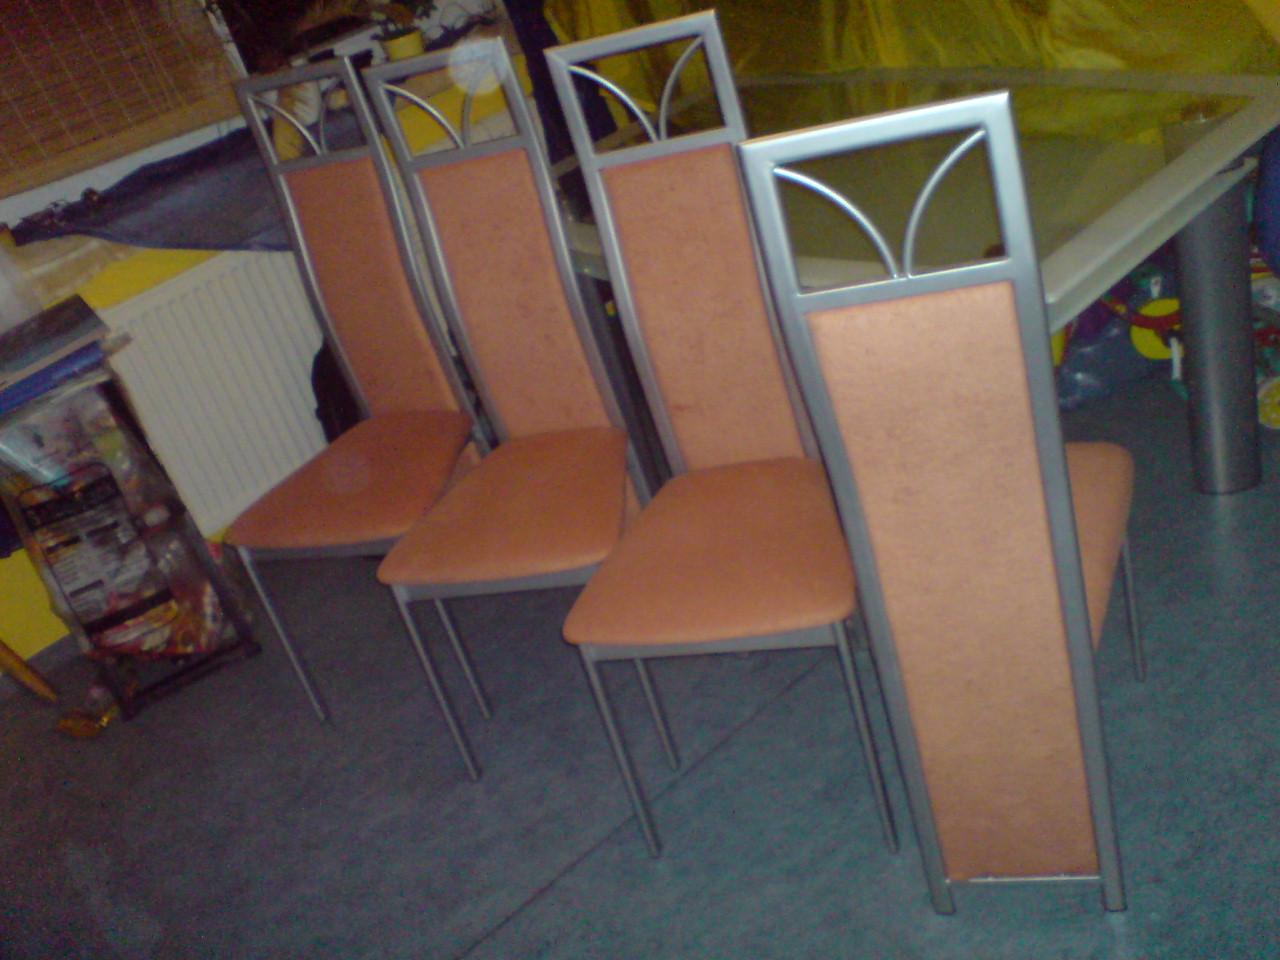 Möbel und Haushalt Kleinanzeigen in Schwerin